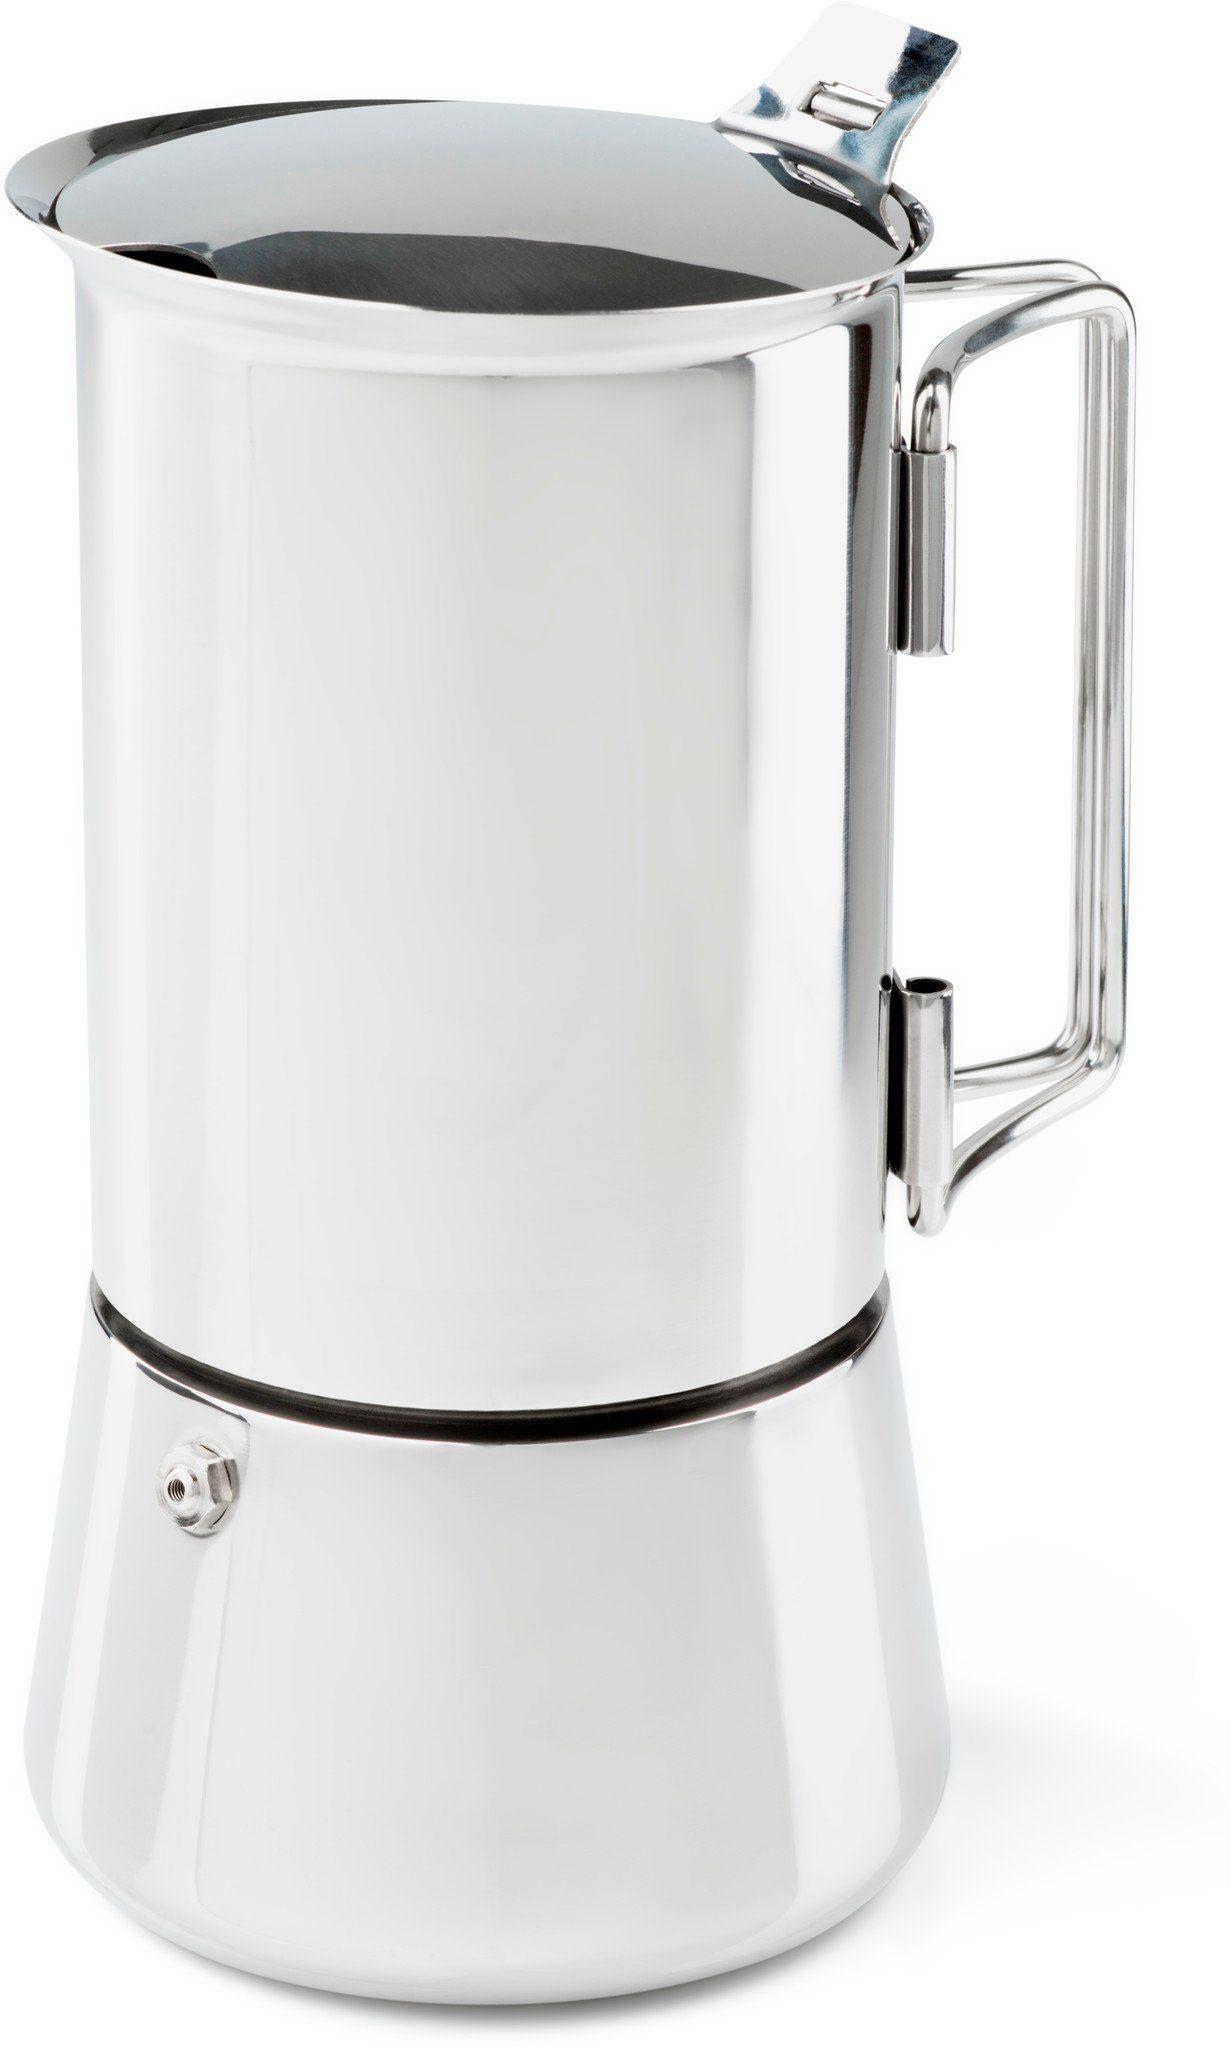 GSI Camping-Geschirr »Moka Espresso Pot 10 Cup«